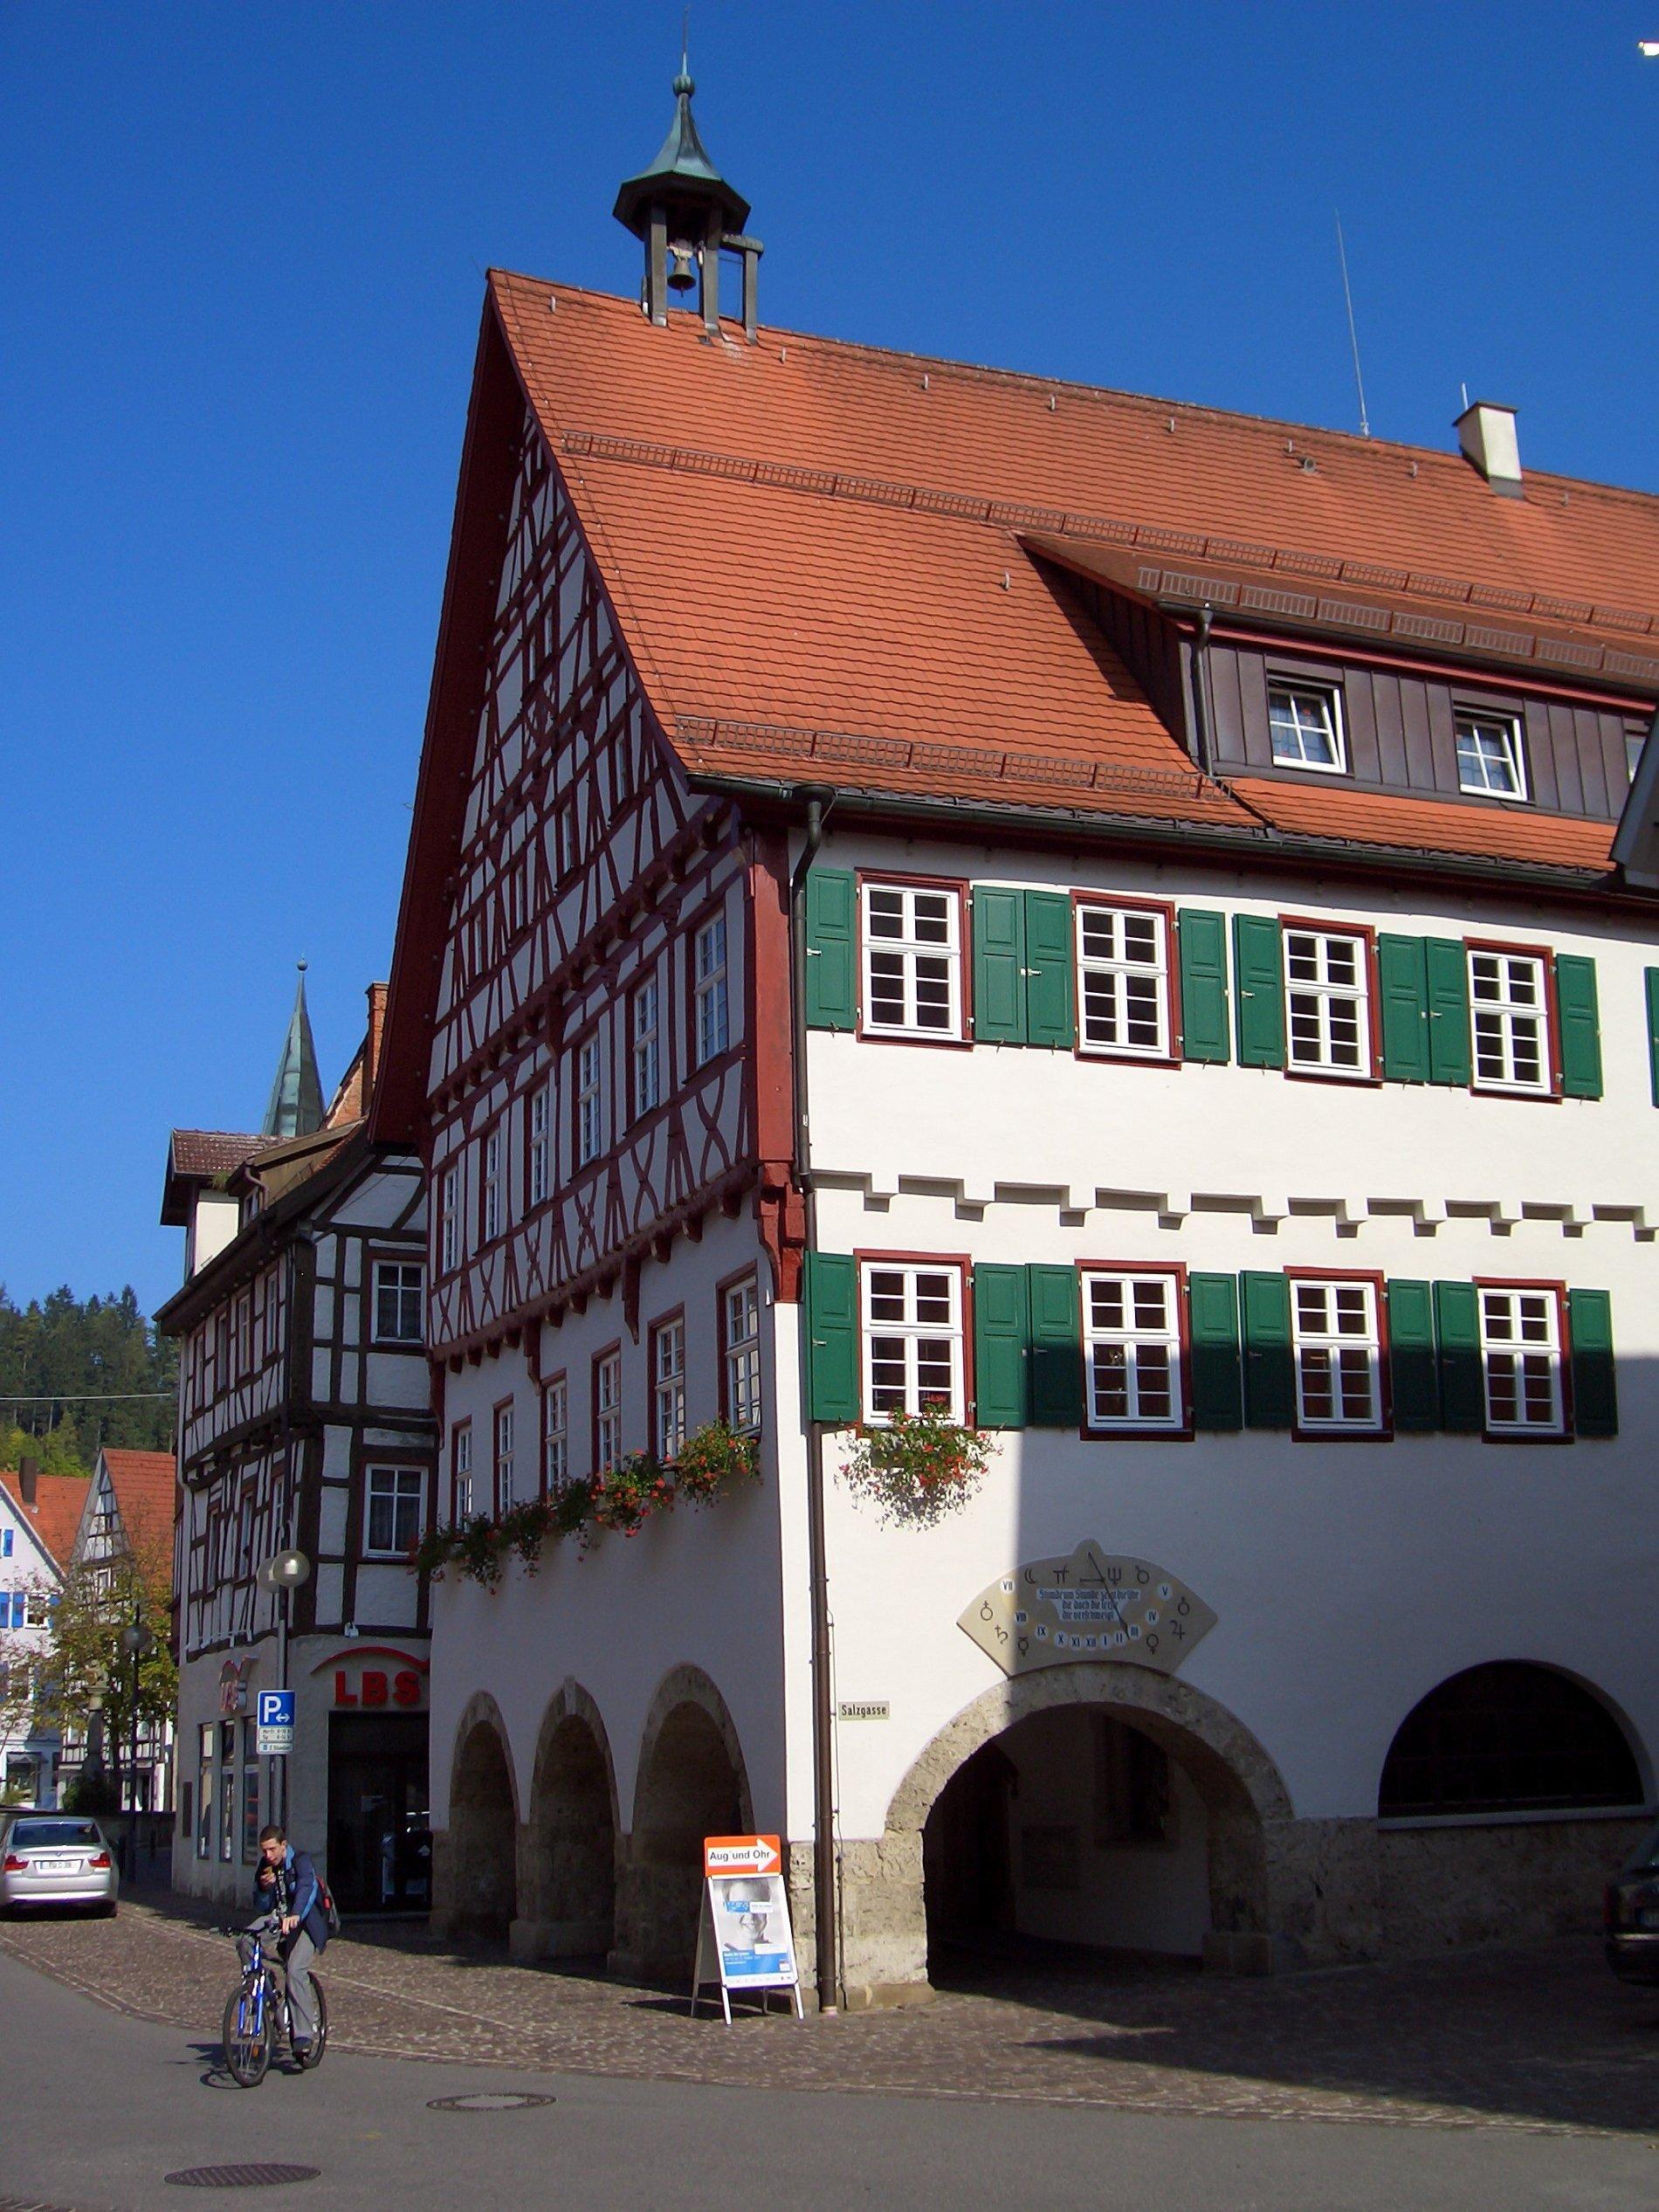 An den Fenstern vom Rathaus sind Blumen und grüne Fensterläden angebracht. Vor dem Rathaus ist eine Person mit dem Fahrrad. Auf dem Dach ist ein kleiner Turm mit einer Glocke. Der Himmel ist blau.